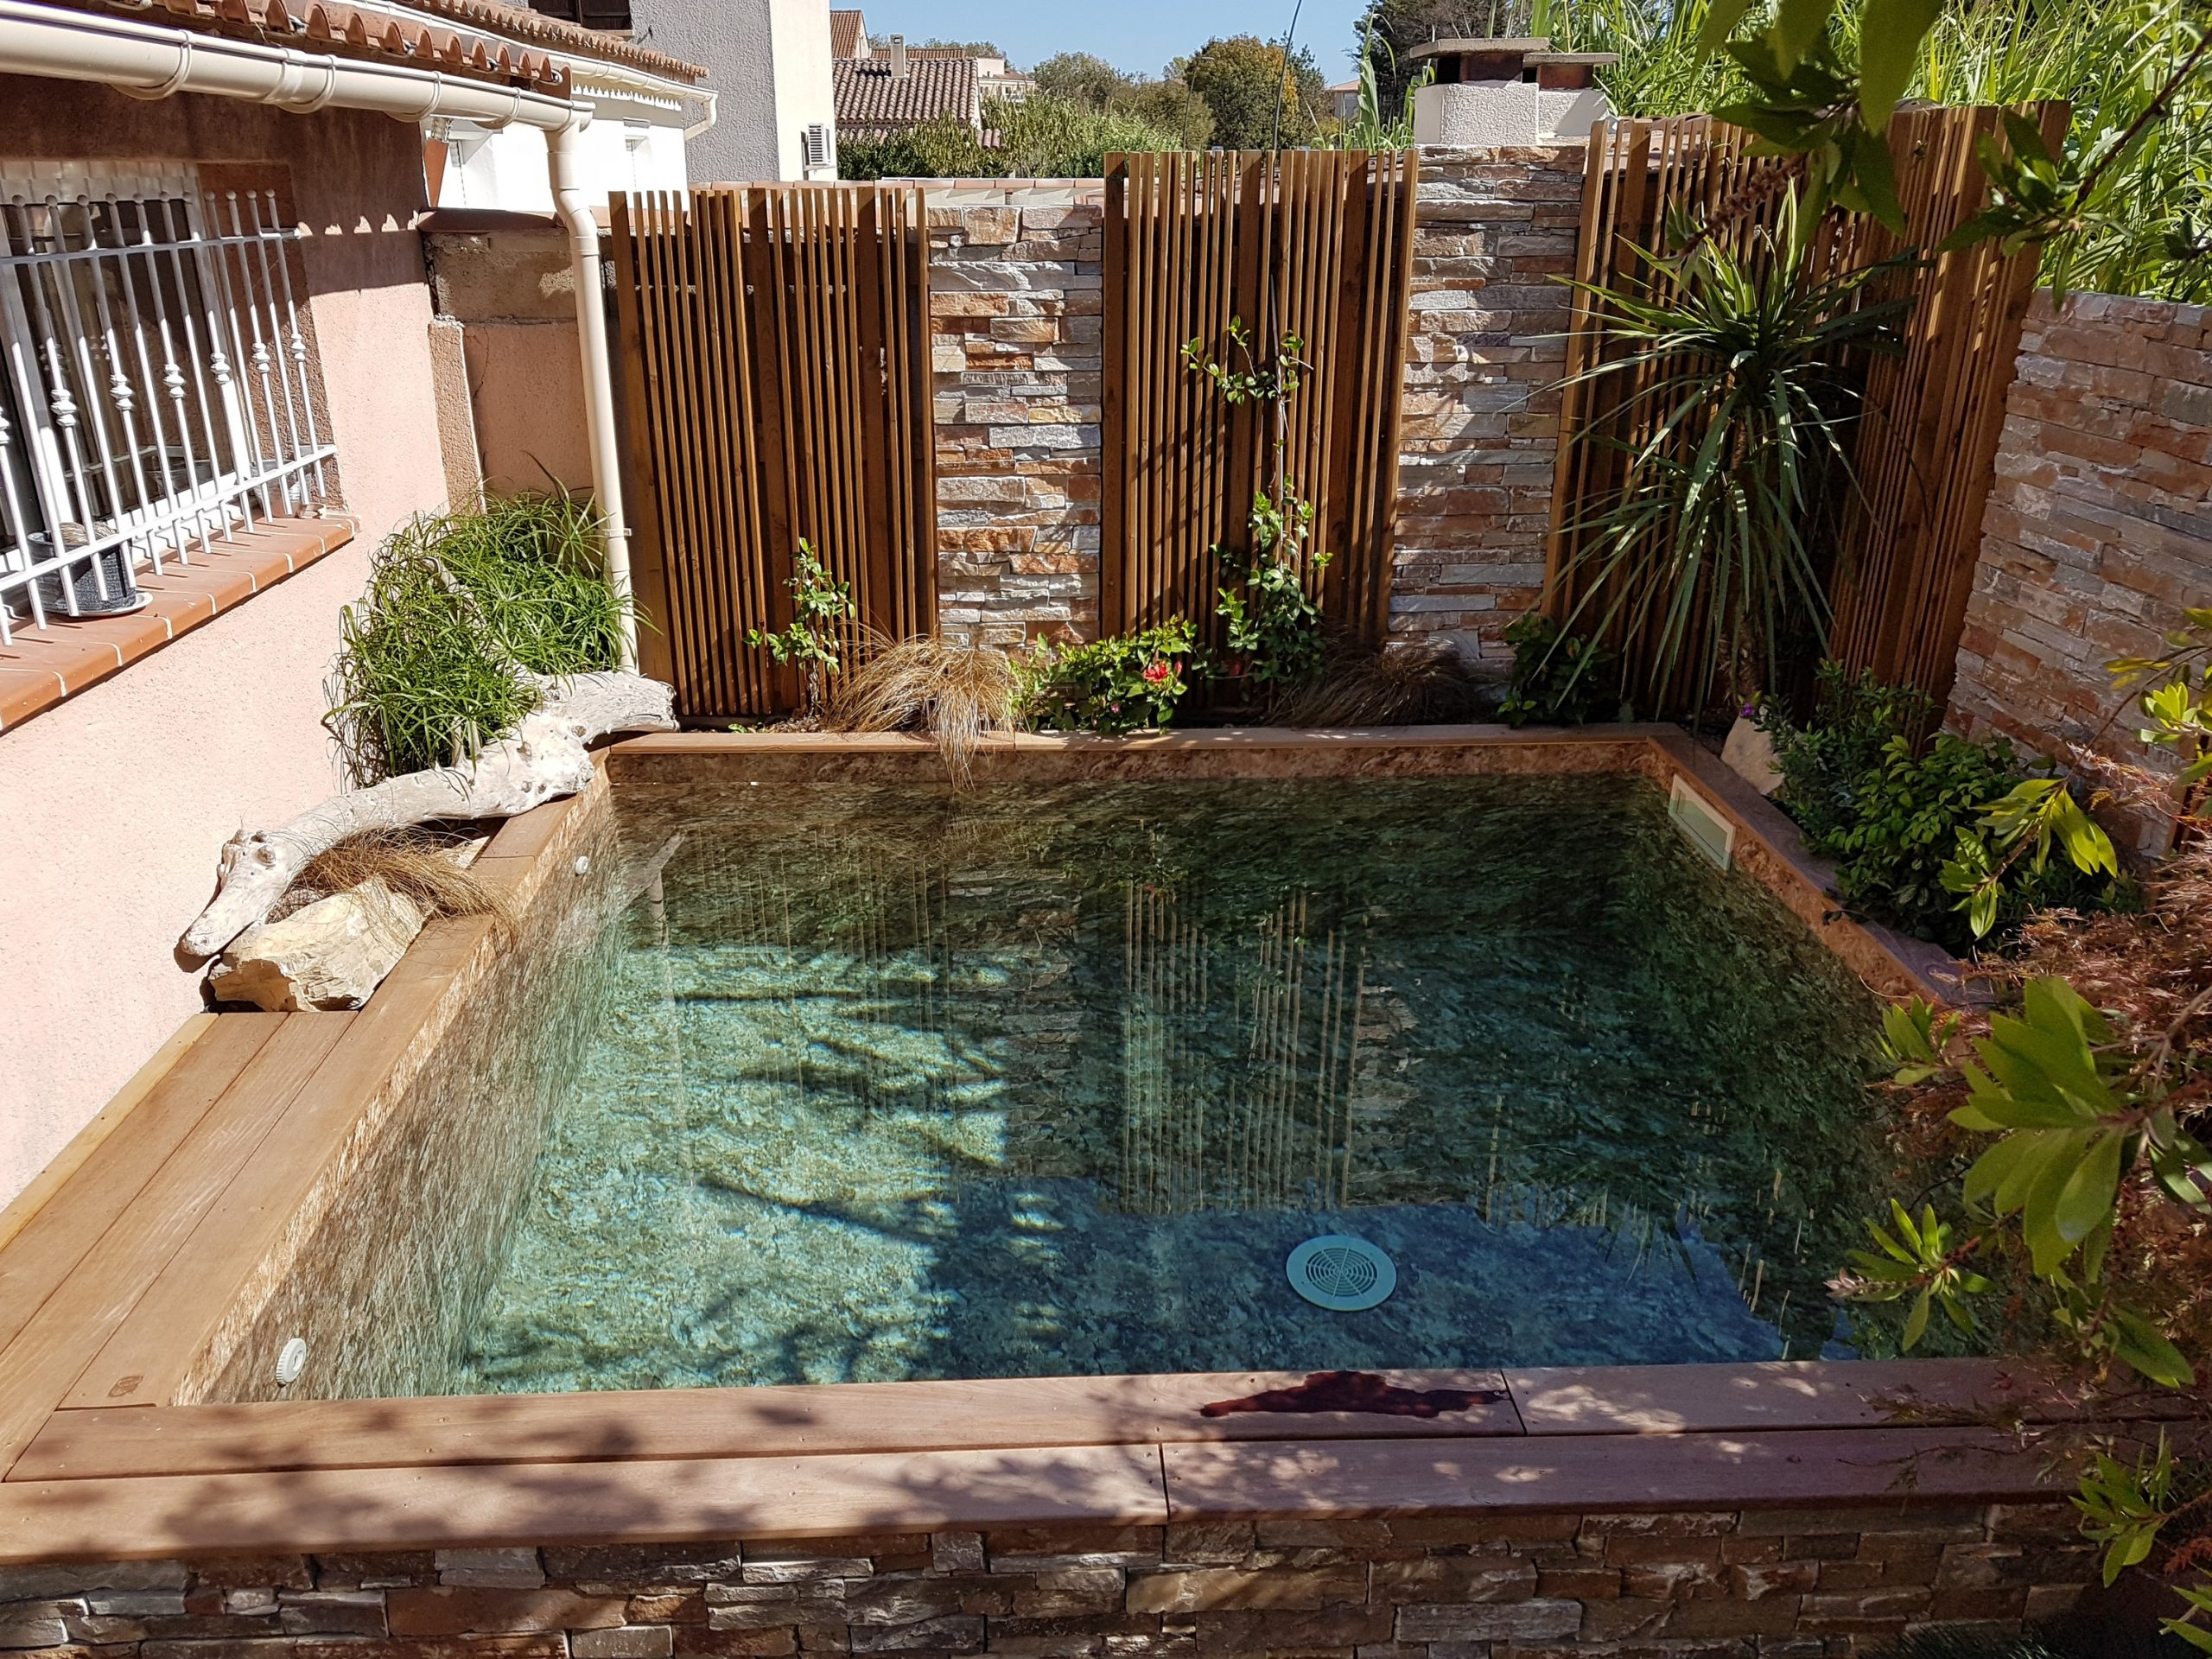 Réalisation & entretien de piscines